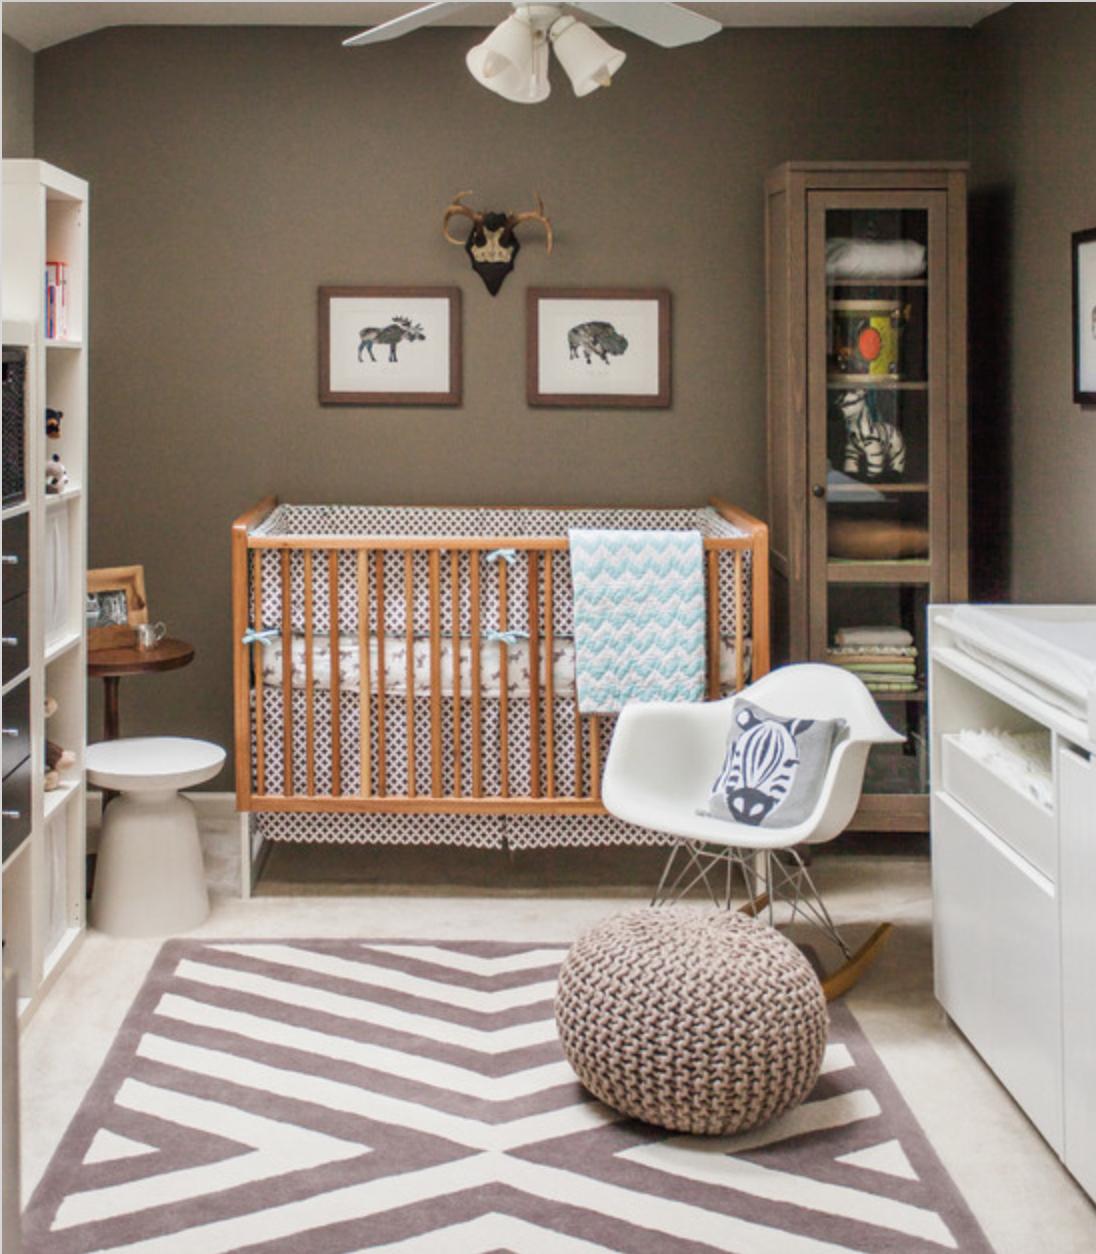 um quarto de bebe moderno decorandoonline. Black Bedroom Furniture Sets. Home Design Ideas